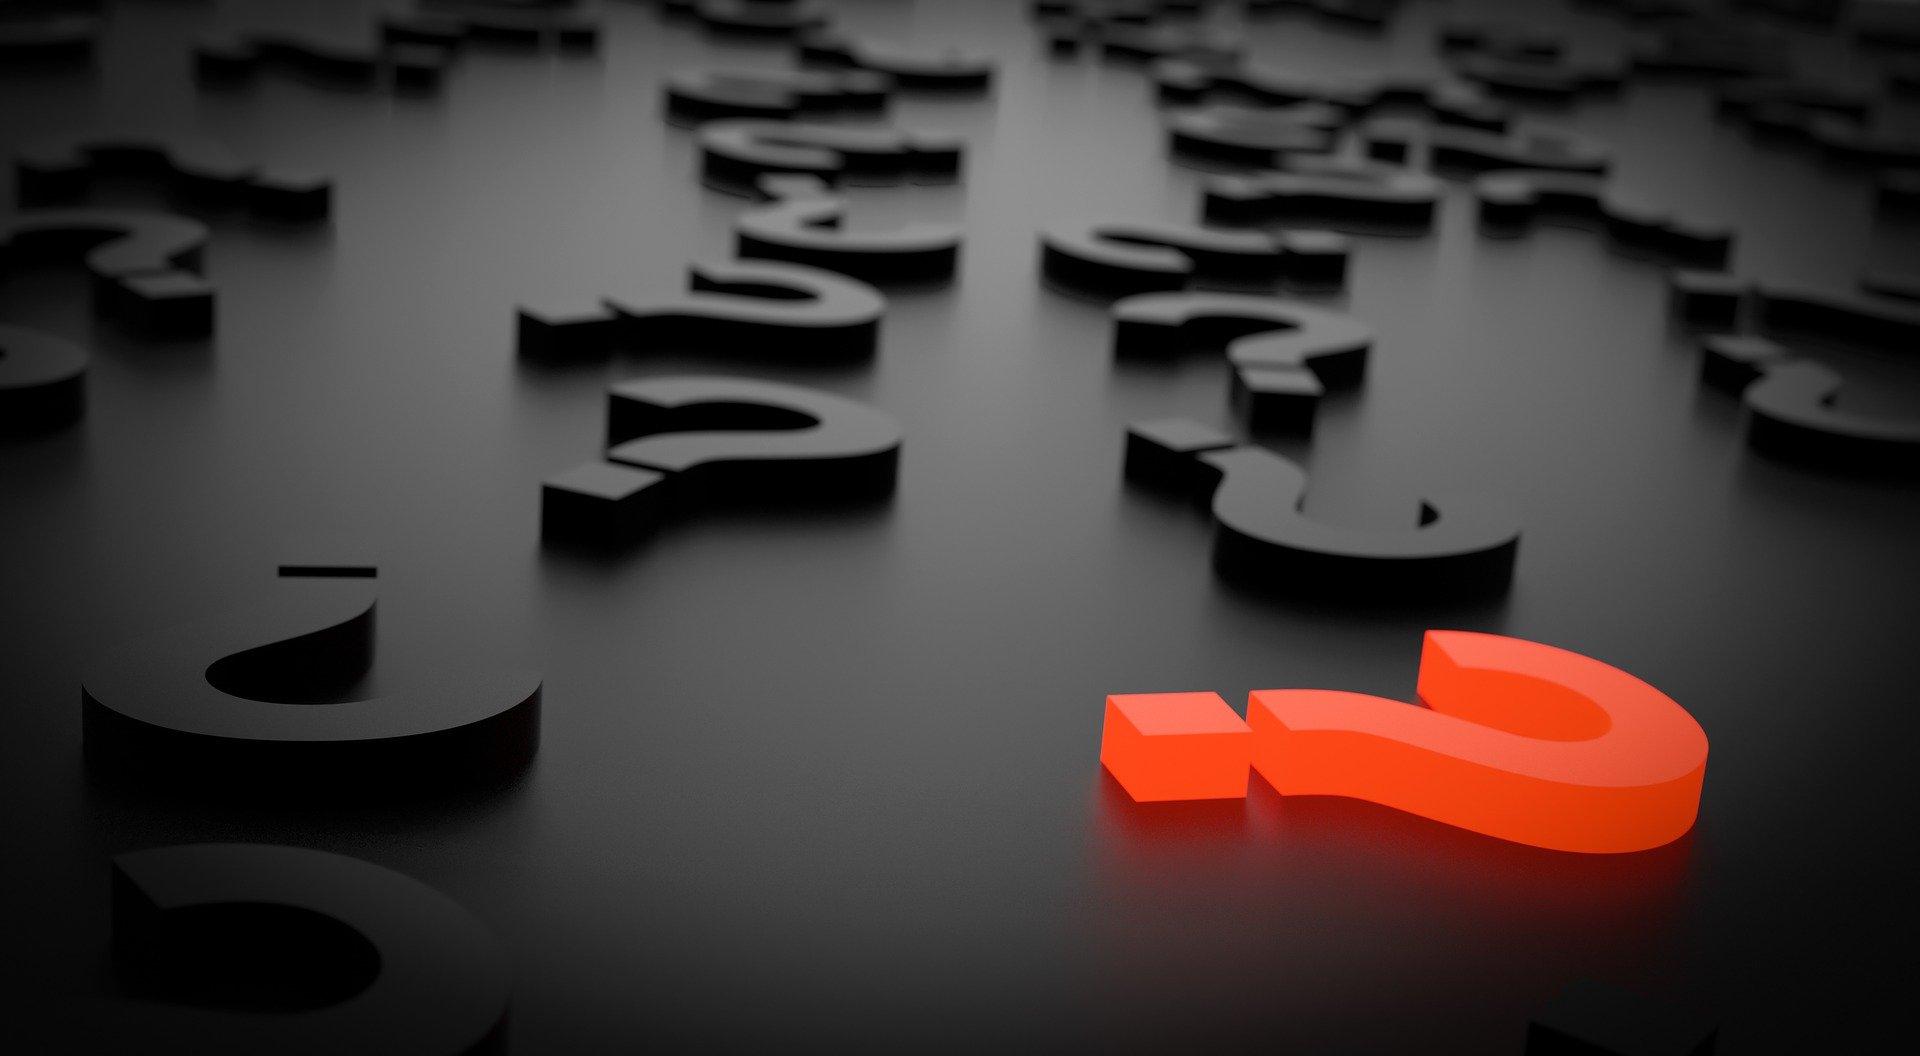 دليلك المختصر للإجابة على سؤال كيف أعمل في التسويق الإلكتروني؟